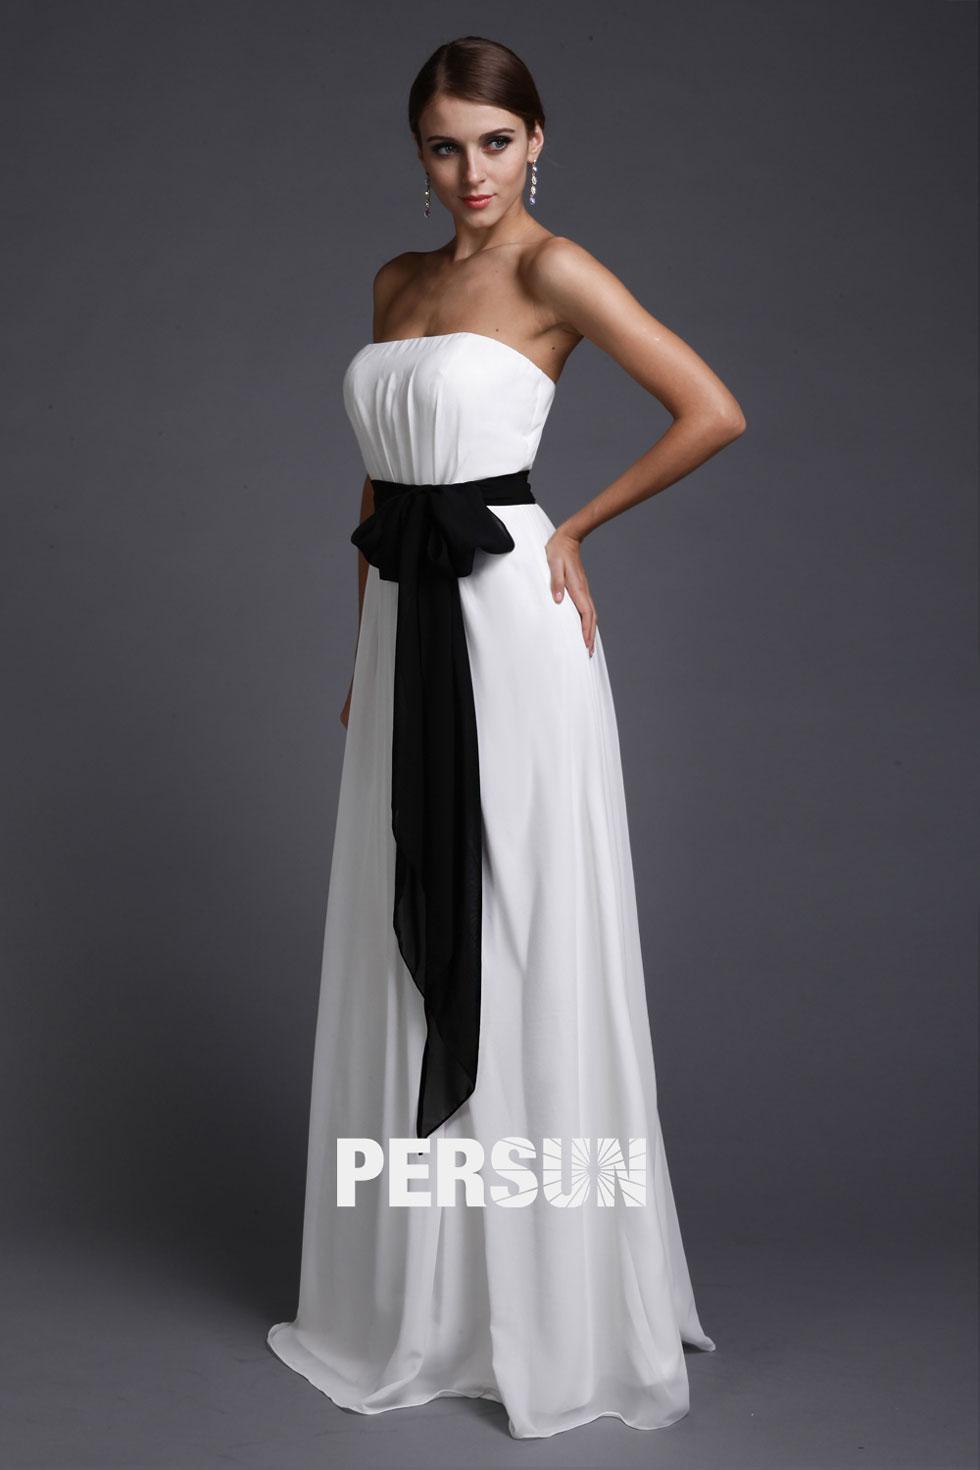 588f0165c516 Robe de dame dhonneur blanche longue bustier accessoirisée une ...